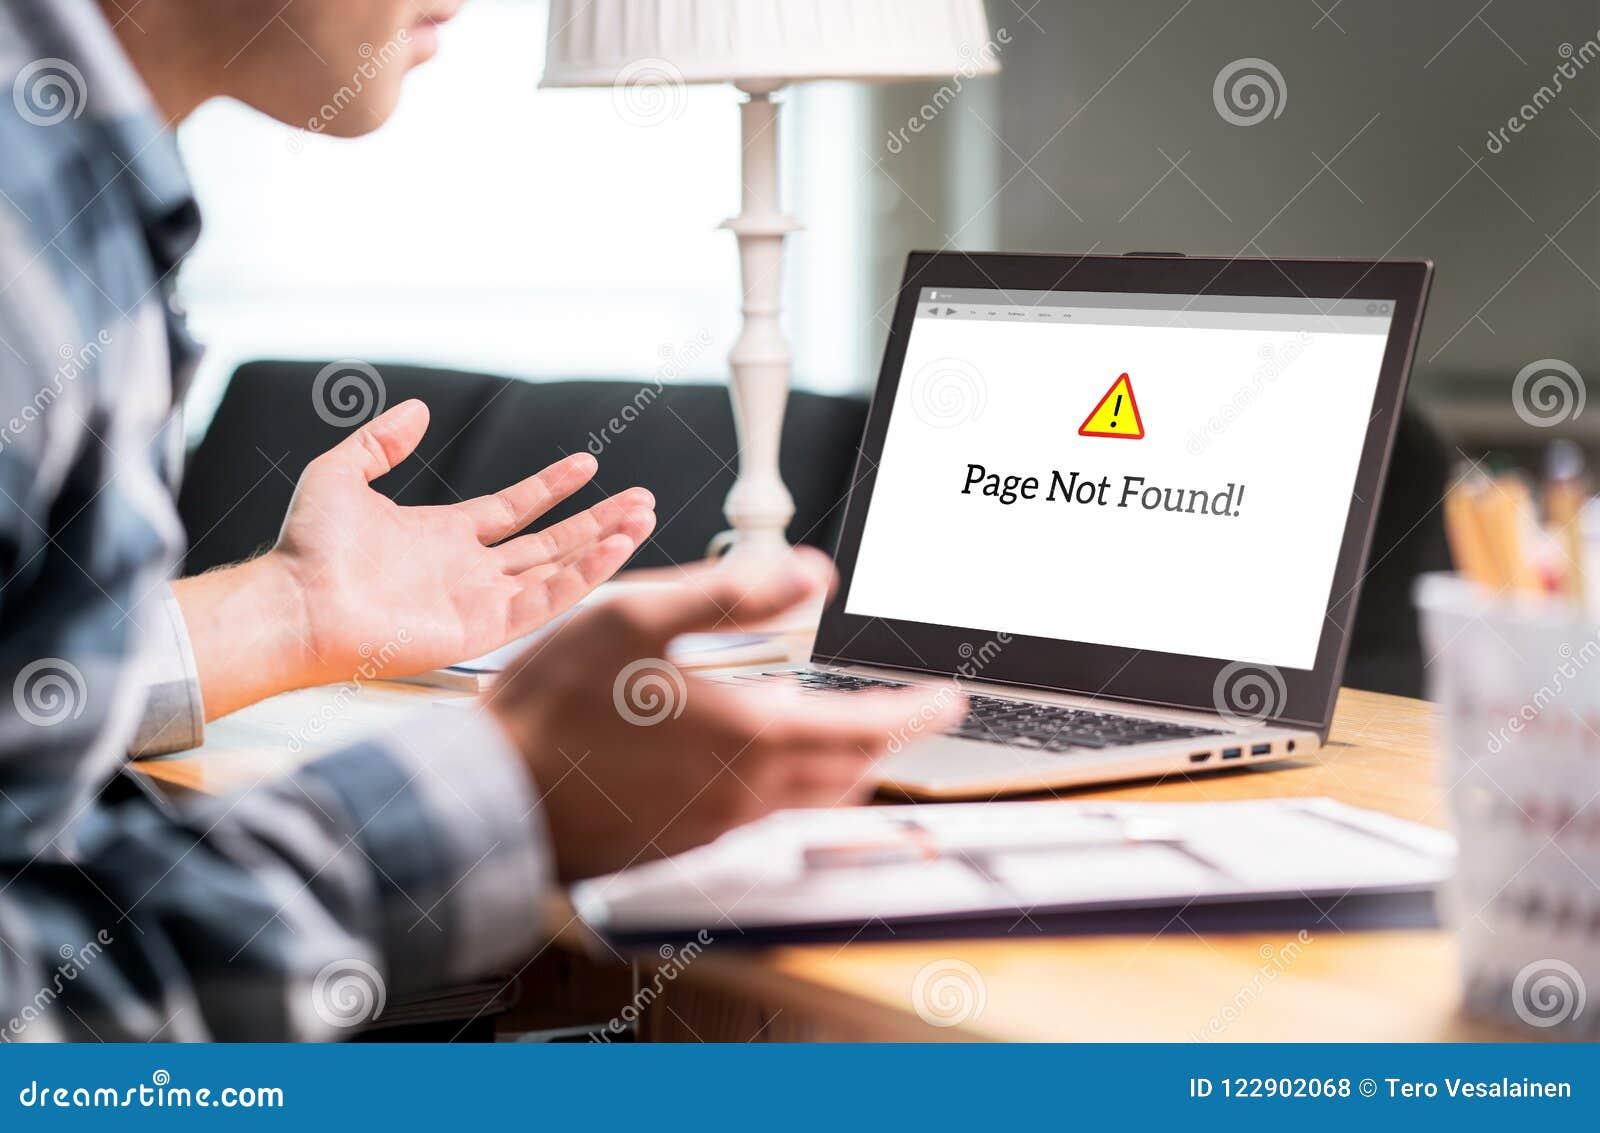 在膝上型计算机的页没找到的和错误